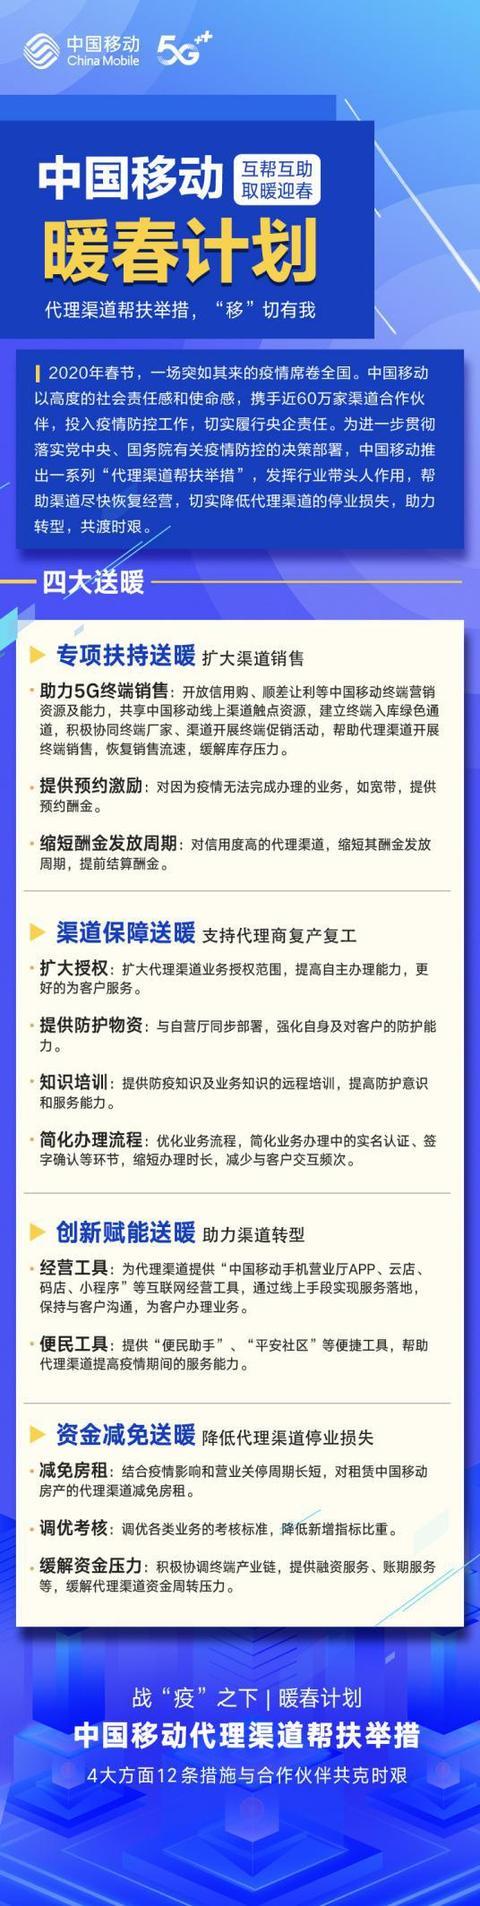 """中国移动发布""""暖春计划""""推出12条帮扶措施与合作伙伴共克时艰"""